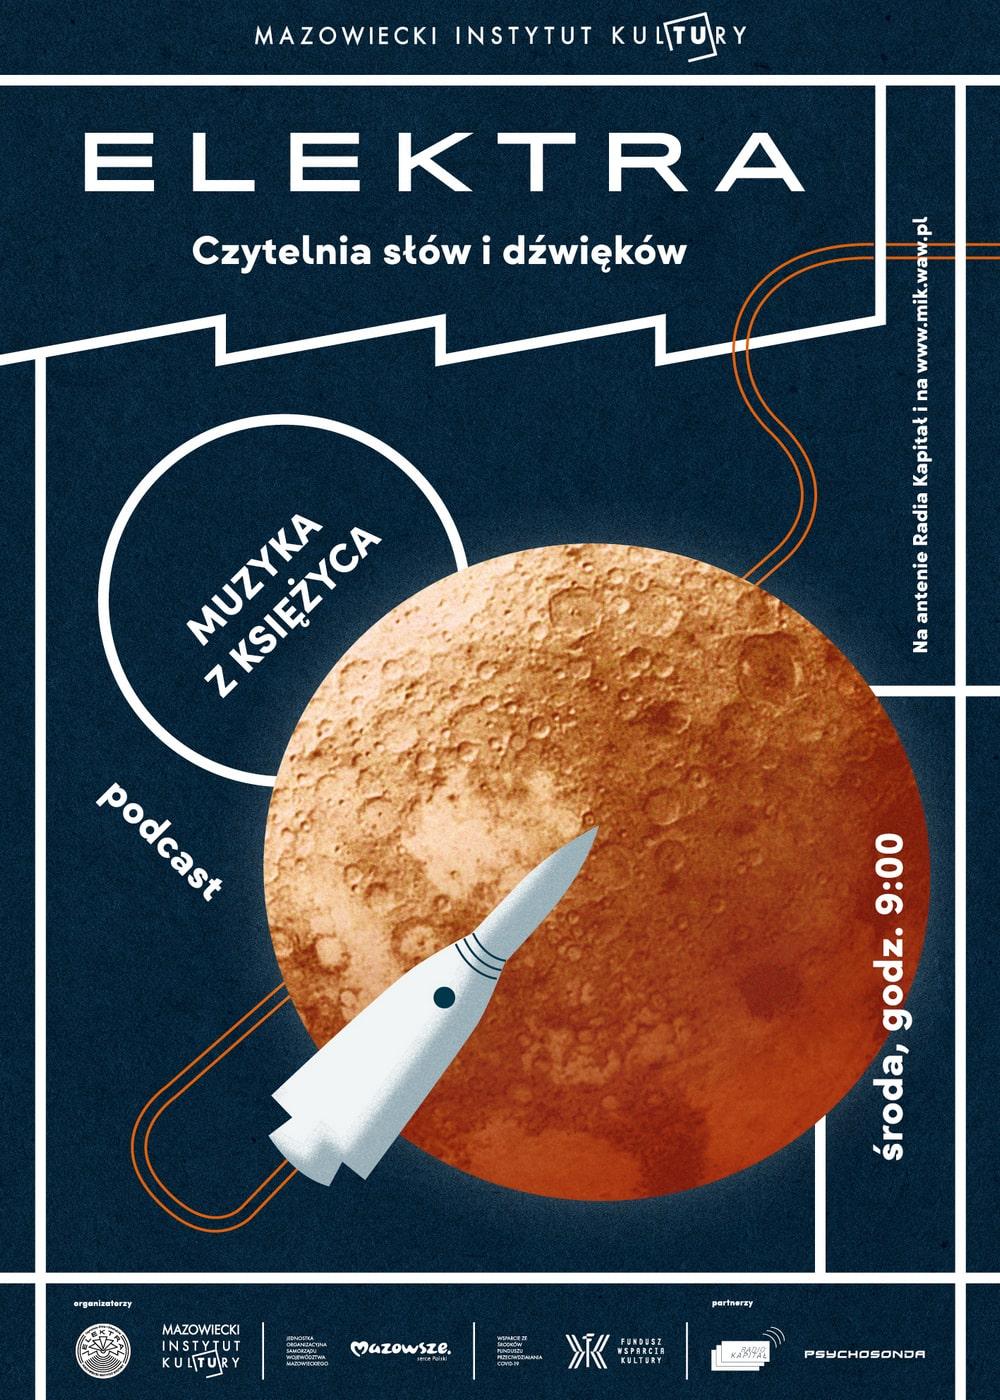 grafika: na ciemnym tle rysunek księżyca i rakiety kosmicznej. napis muzyka z księżyca